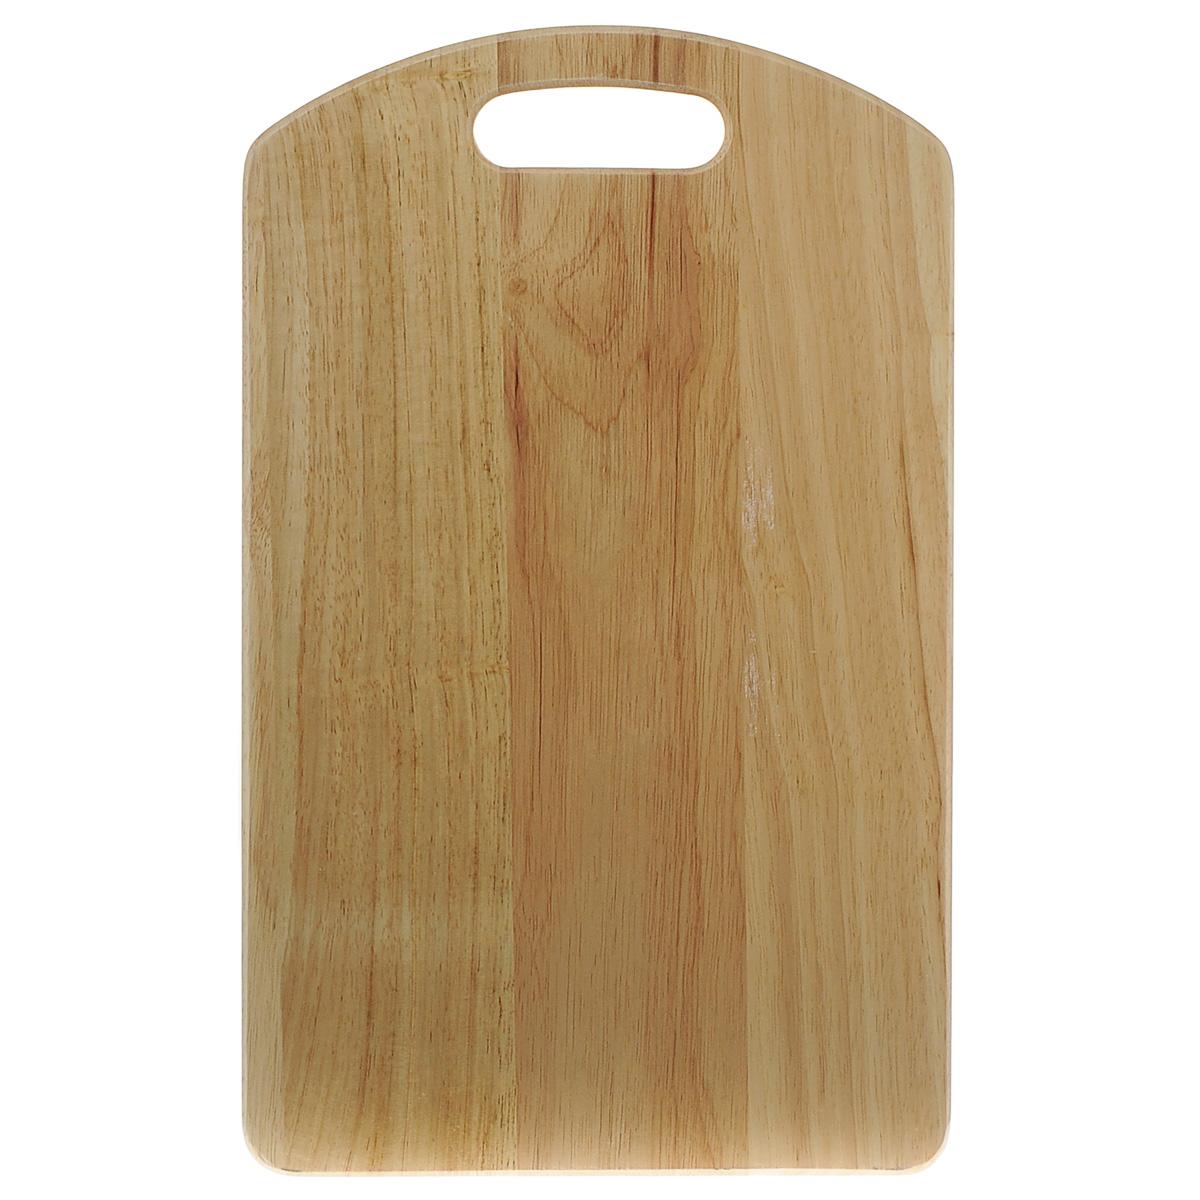 Доска разделочная Green Way, 45 см х 28 см115510Разделочная доска Green Way изготовлена из натурального дерева. Прекрасно подходит для приготовления и сервировки пищи. Всем известно, что на кухне без разделочной доски не обойтись. Ведь во время приготовления пищи мы то и дело что-то режем. Поэтому разделочная доска должна быть изготовлена из прочного и экологически чистого материала, ведь с ней соприкасается наша пища. Доска оснащена специальным отверстием для подвешивания в любом удобном месте.Функциональная и простая в использовании, разделочная доска Green Way прекрасно впишется в интерьер любой кухни и прослужит вам долгие годы.Нельзя мыть в посудомоечной машине.